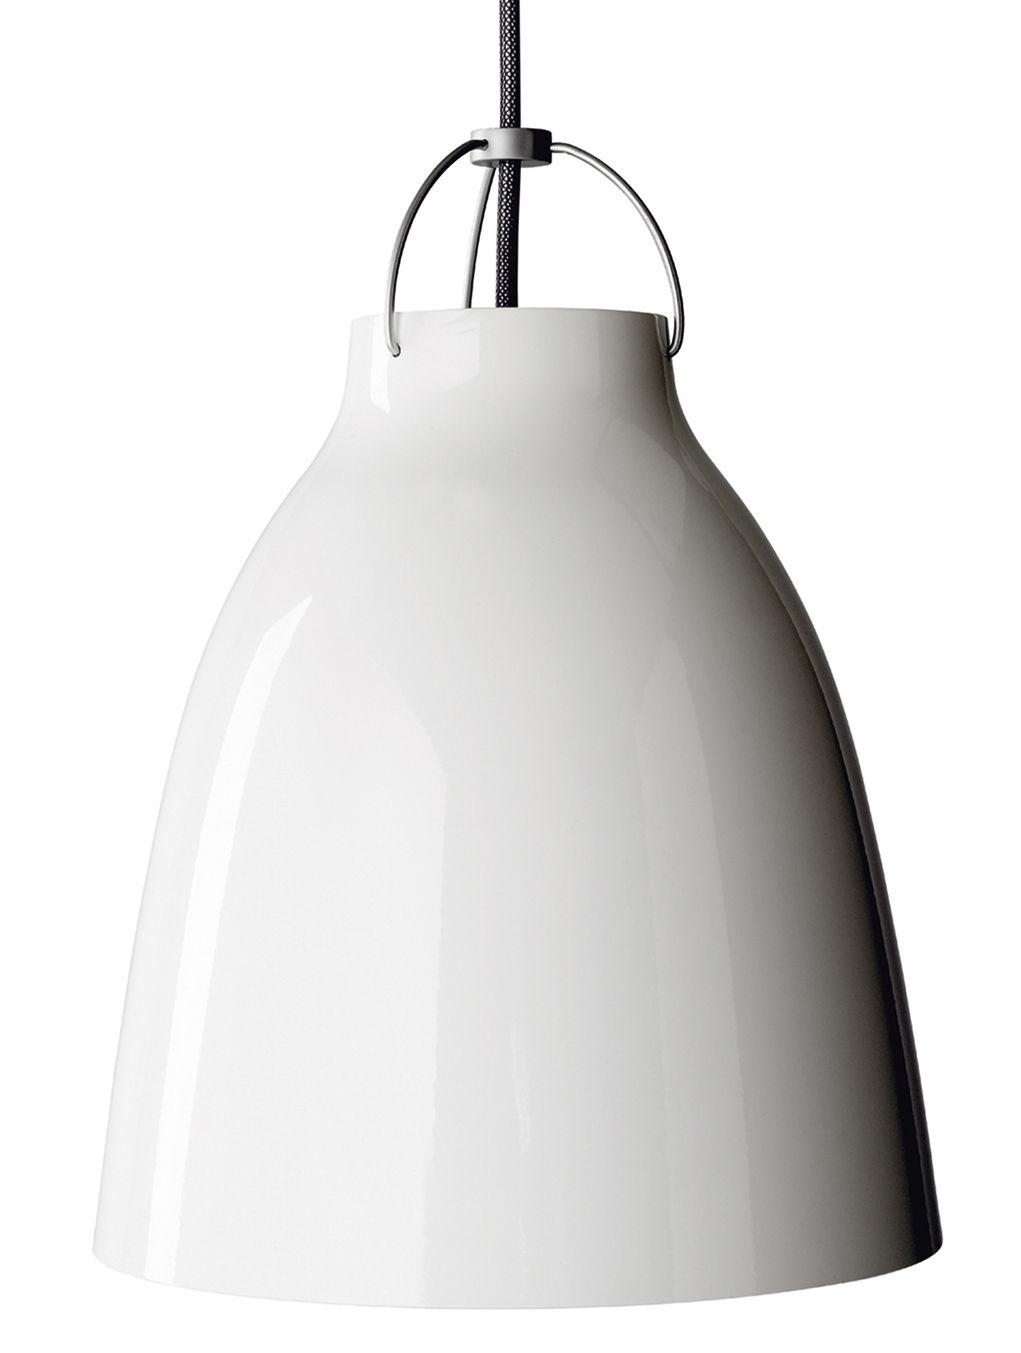 Illuminazione - Lampadari - Sospensione Caravaggio XS di Lightyears - Bianco - Ø 11 cm - Alluminio laccato